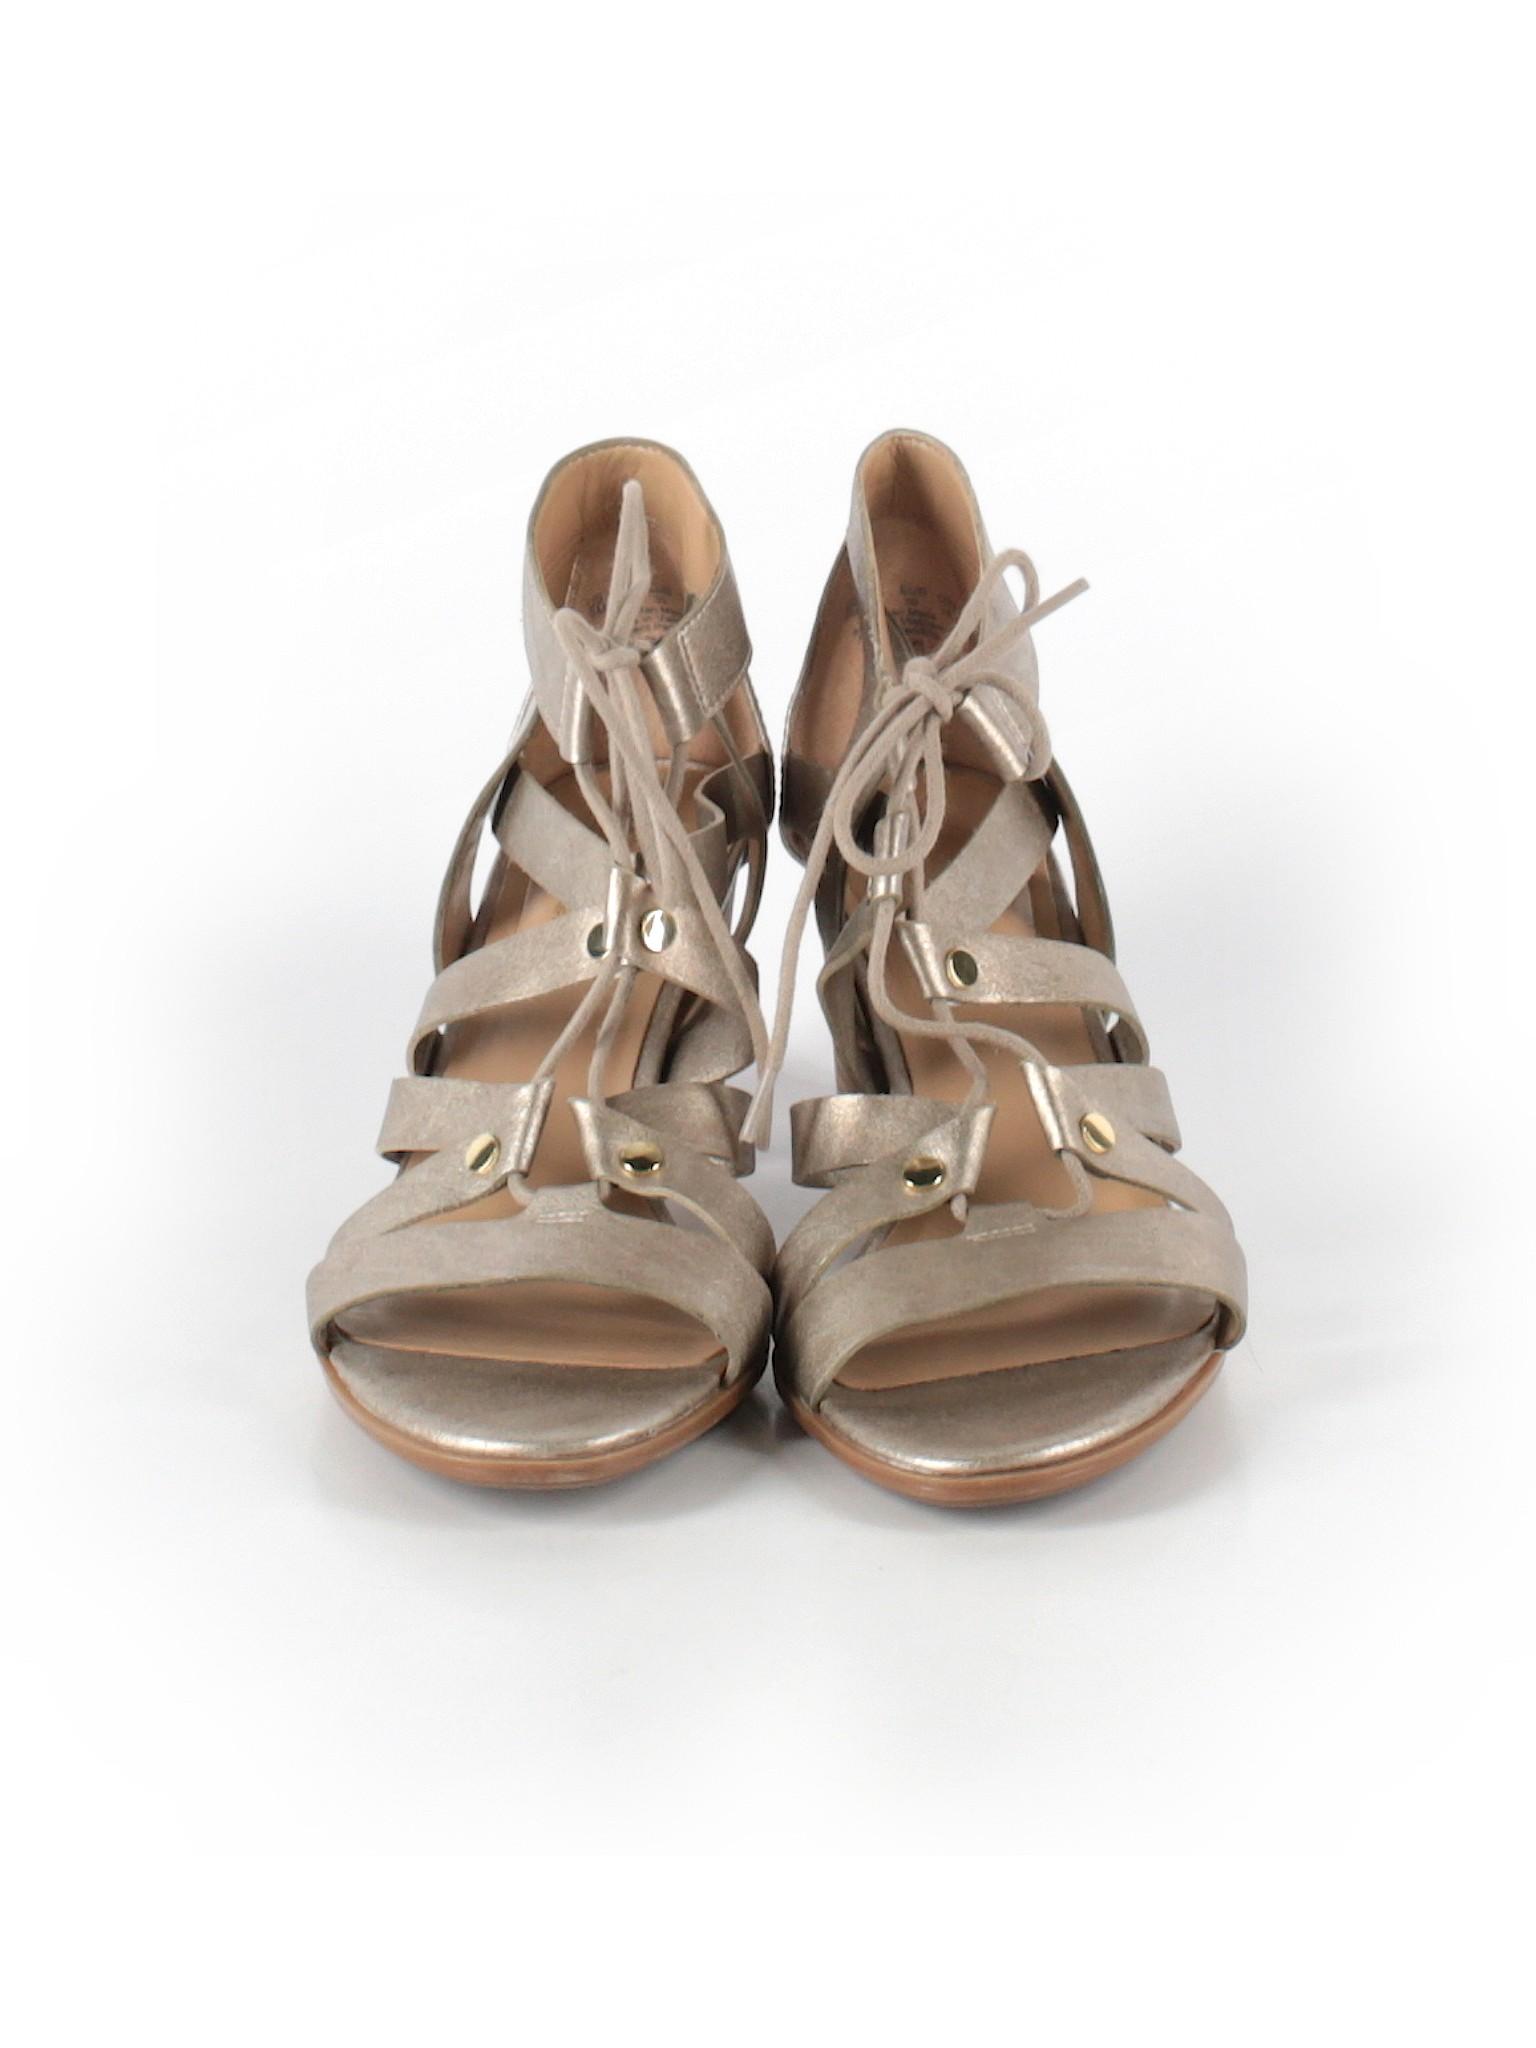 Naturalizer Heels Heels promotion promotion Naturalizer Boutique Naturalizer Boutique promotion Boutique TzxptqFp